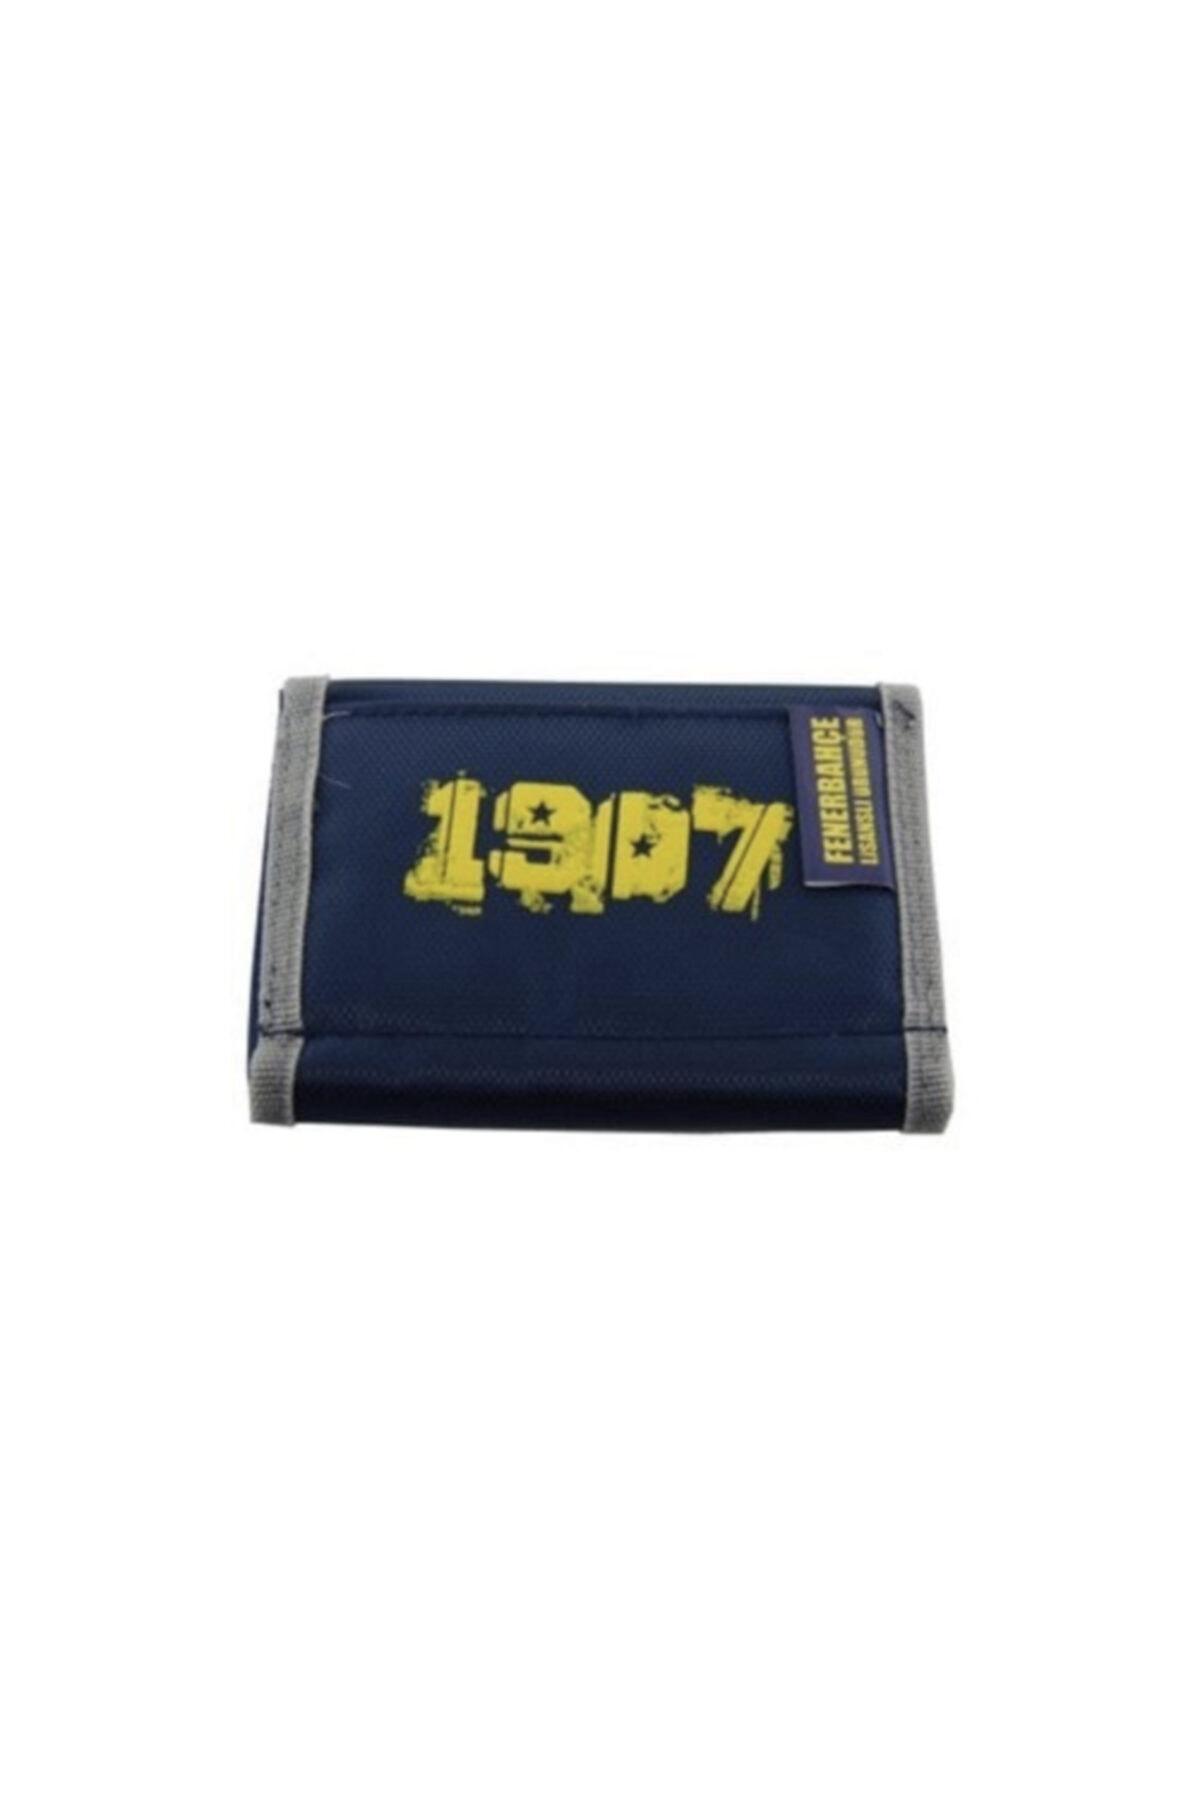 Hakan Çanta Fenerbahçe Lisanslı Cüzdan 2